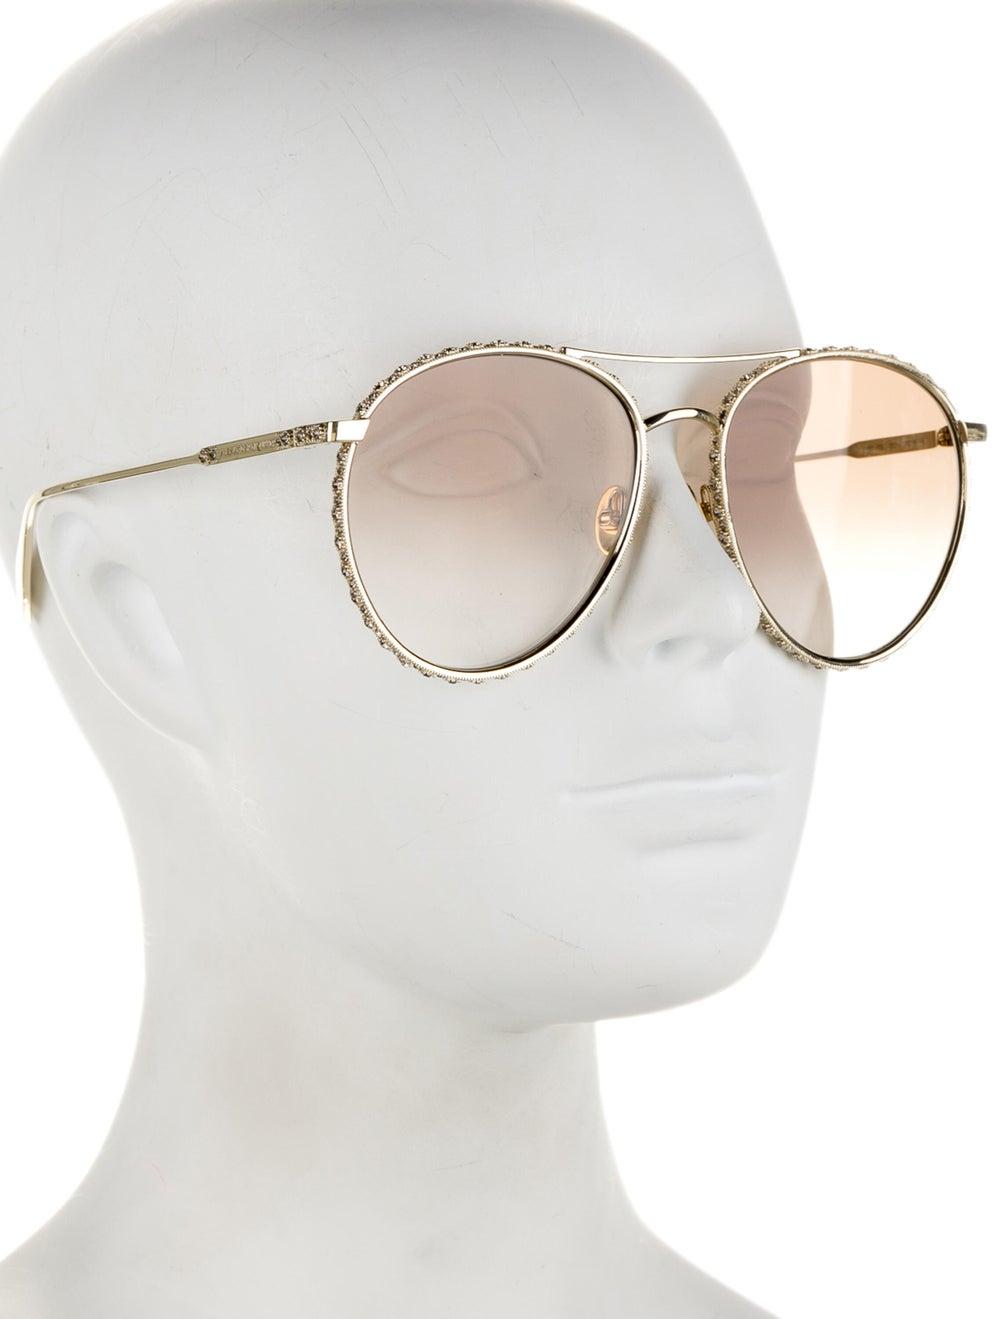 Alexander McQueen Aviator Gradient Sunglasses Gold - image 4